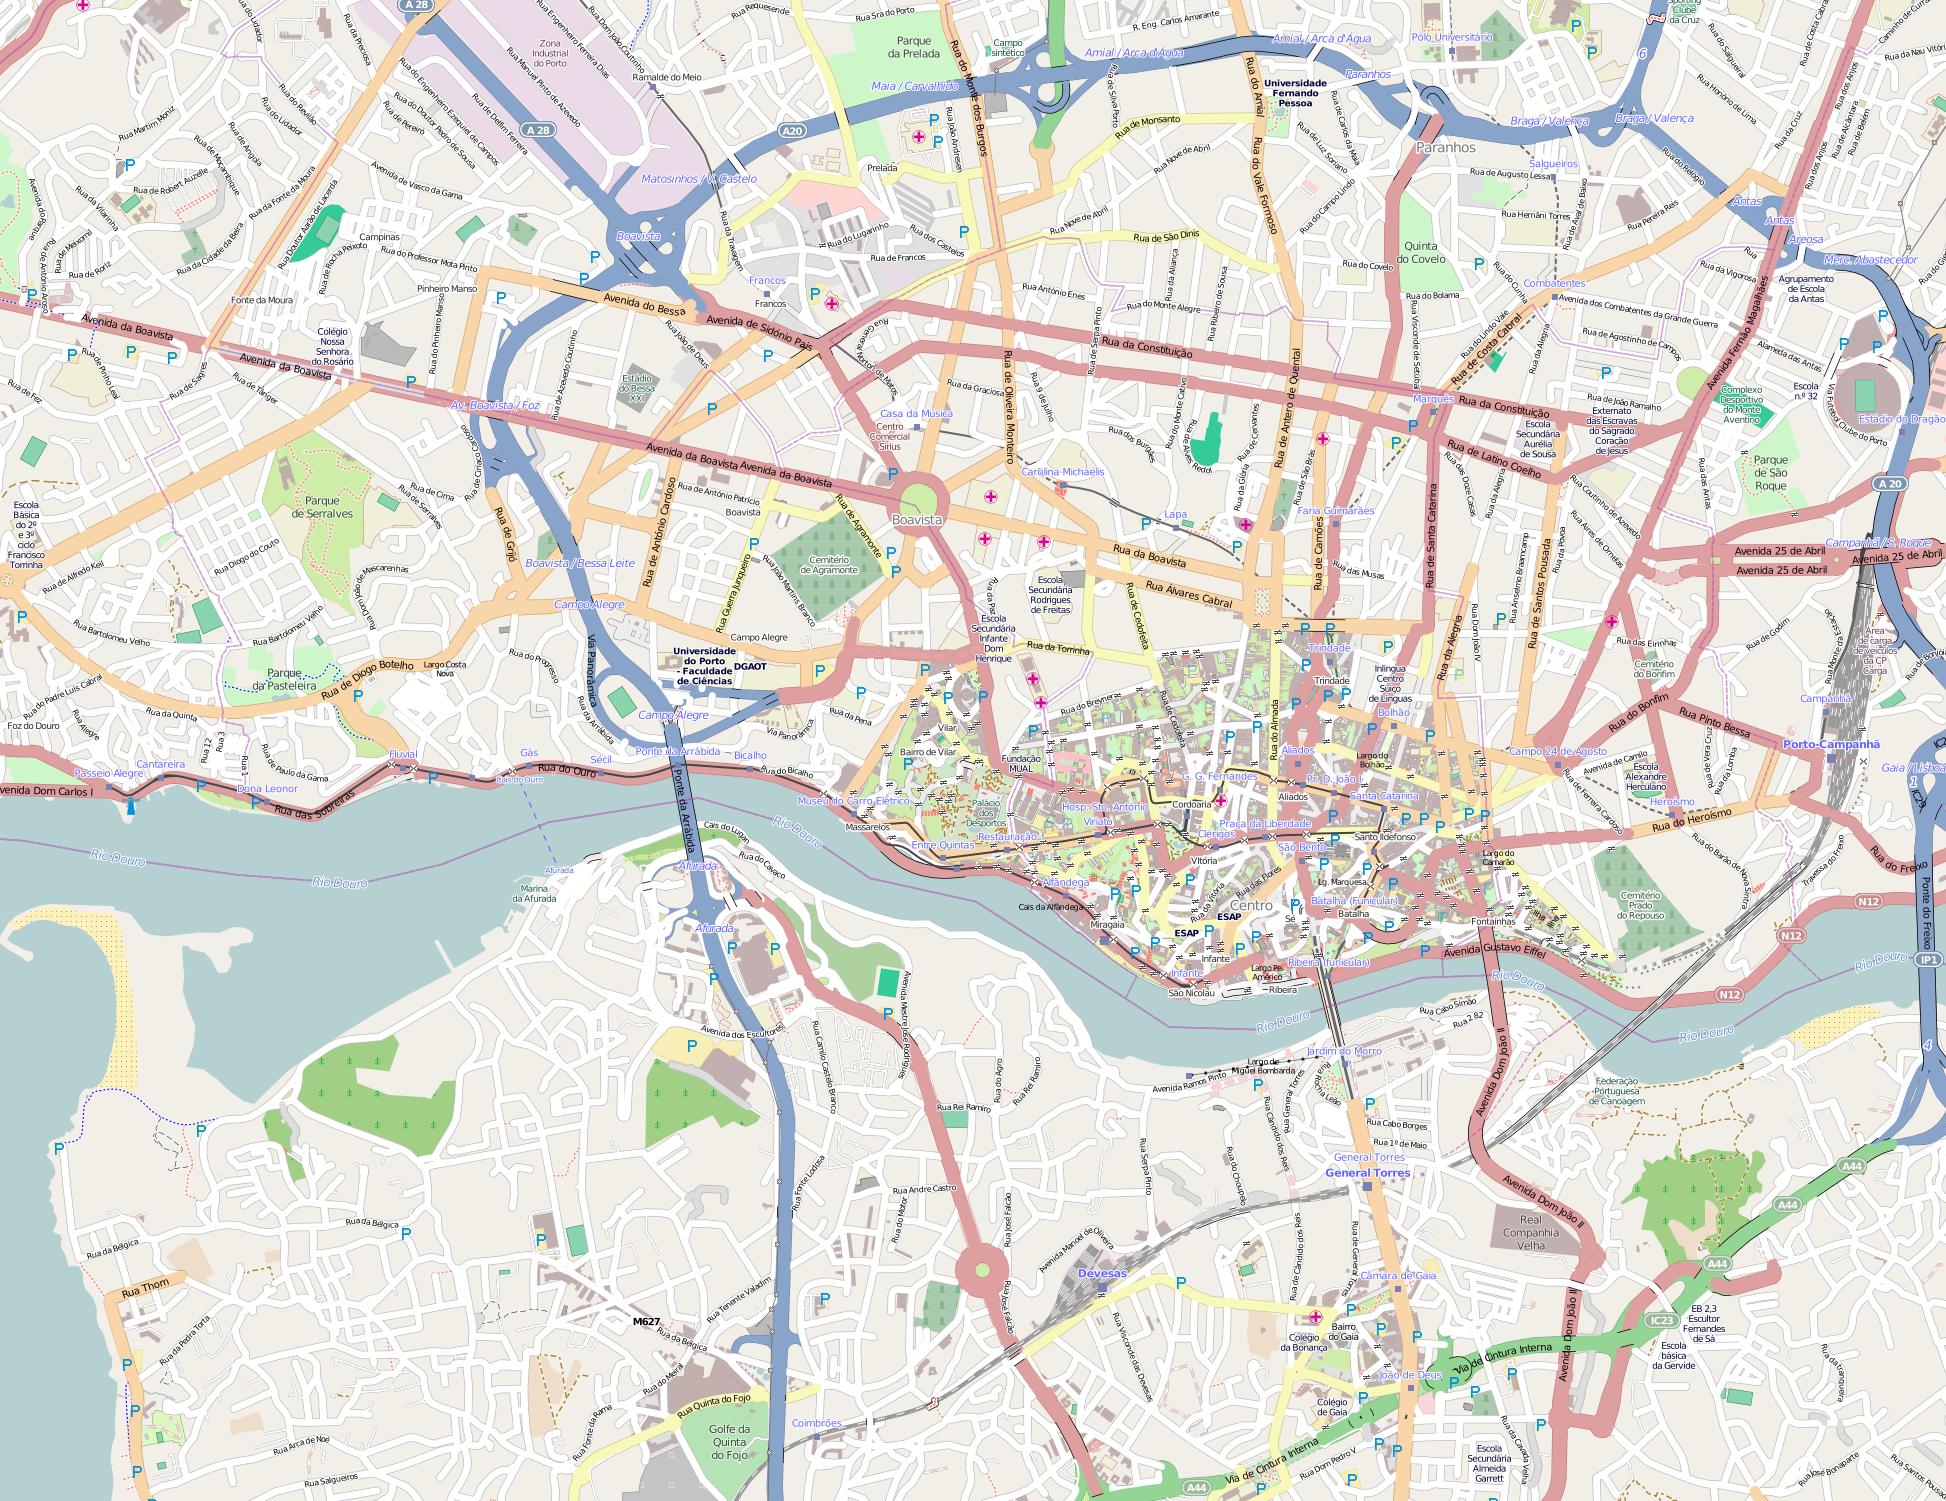 mapa do porto pdf File:Porto OpenStreetMap.png   Wikimedia Commons mapa do porto pdf